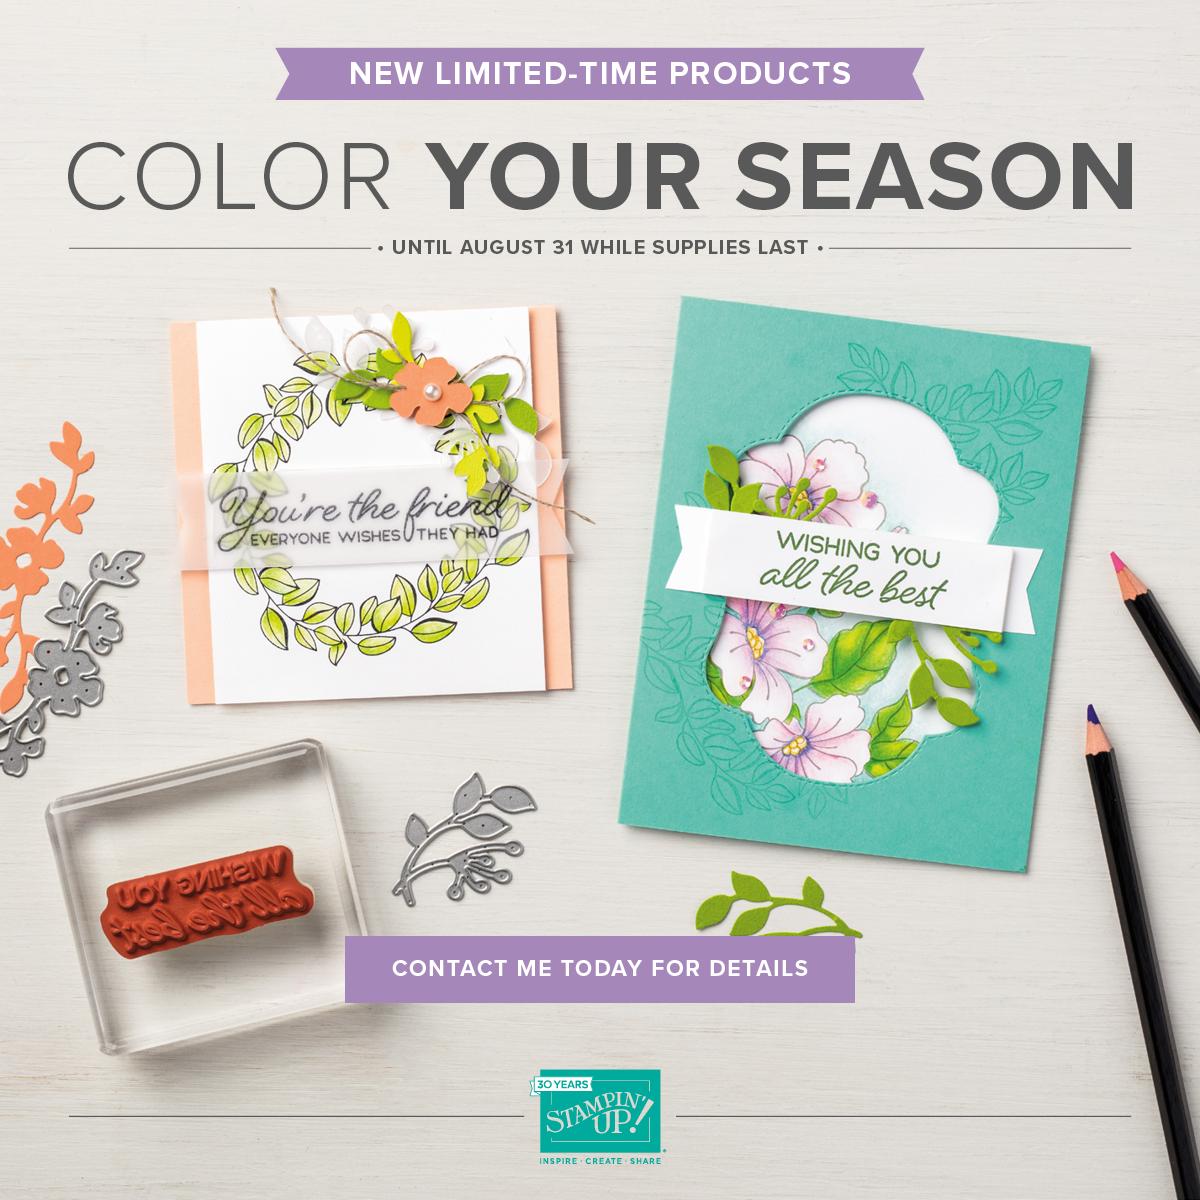 colorful season non-xmas